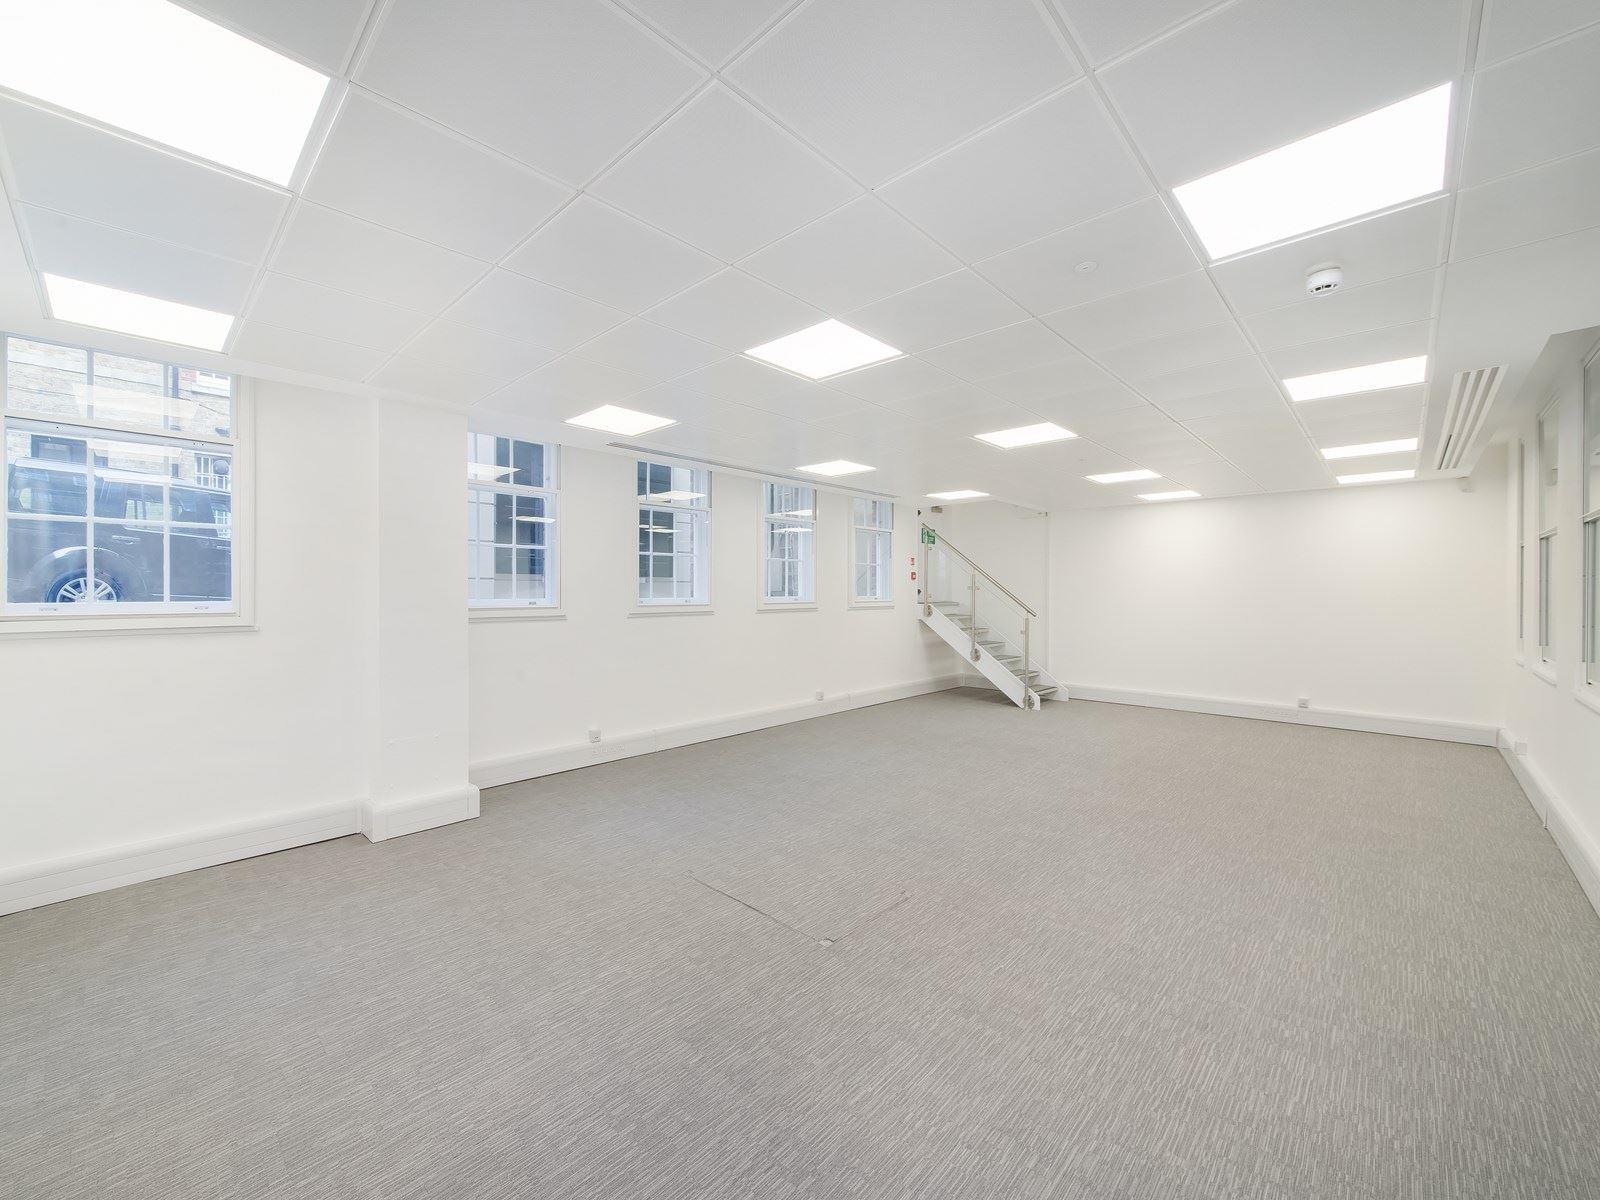 35 Grosvenor Street Office 1